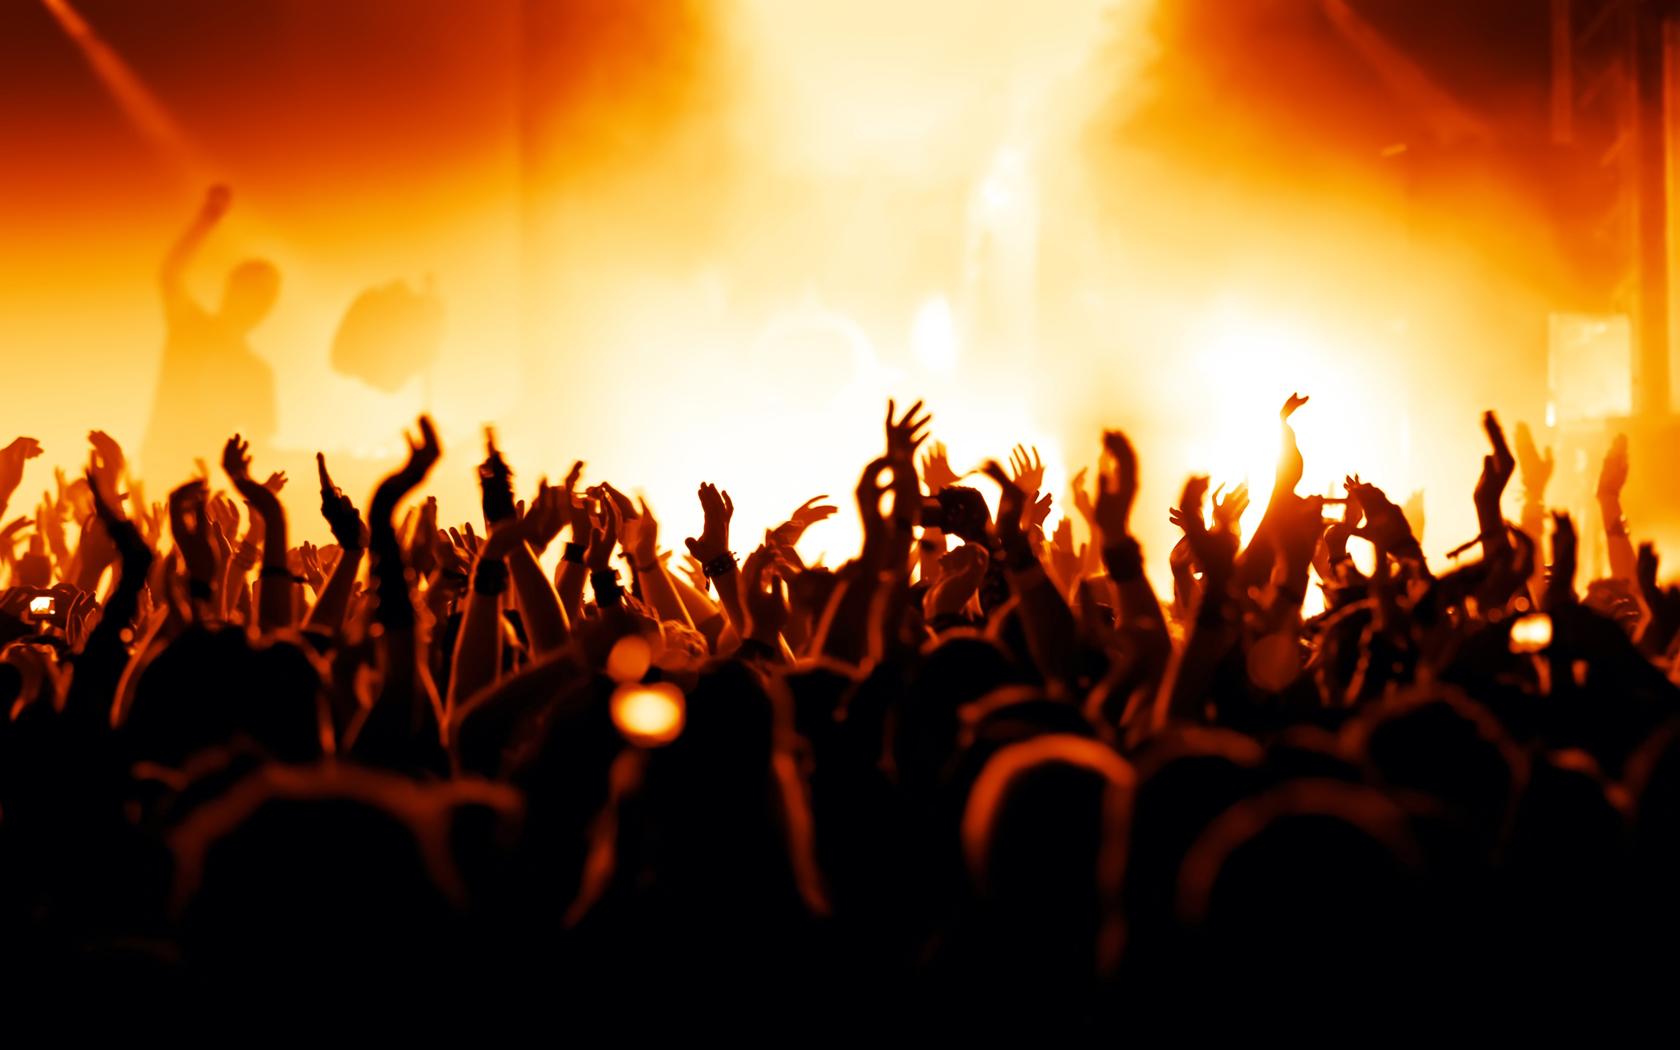 rock_concert.jpg